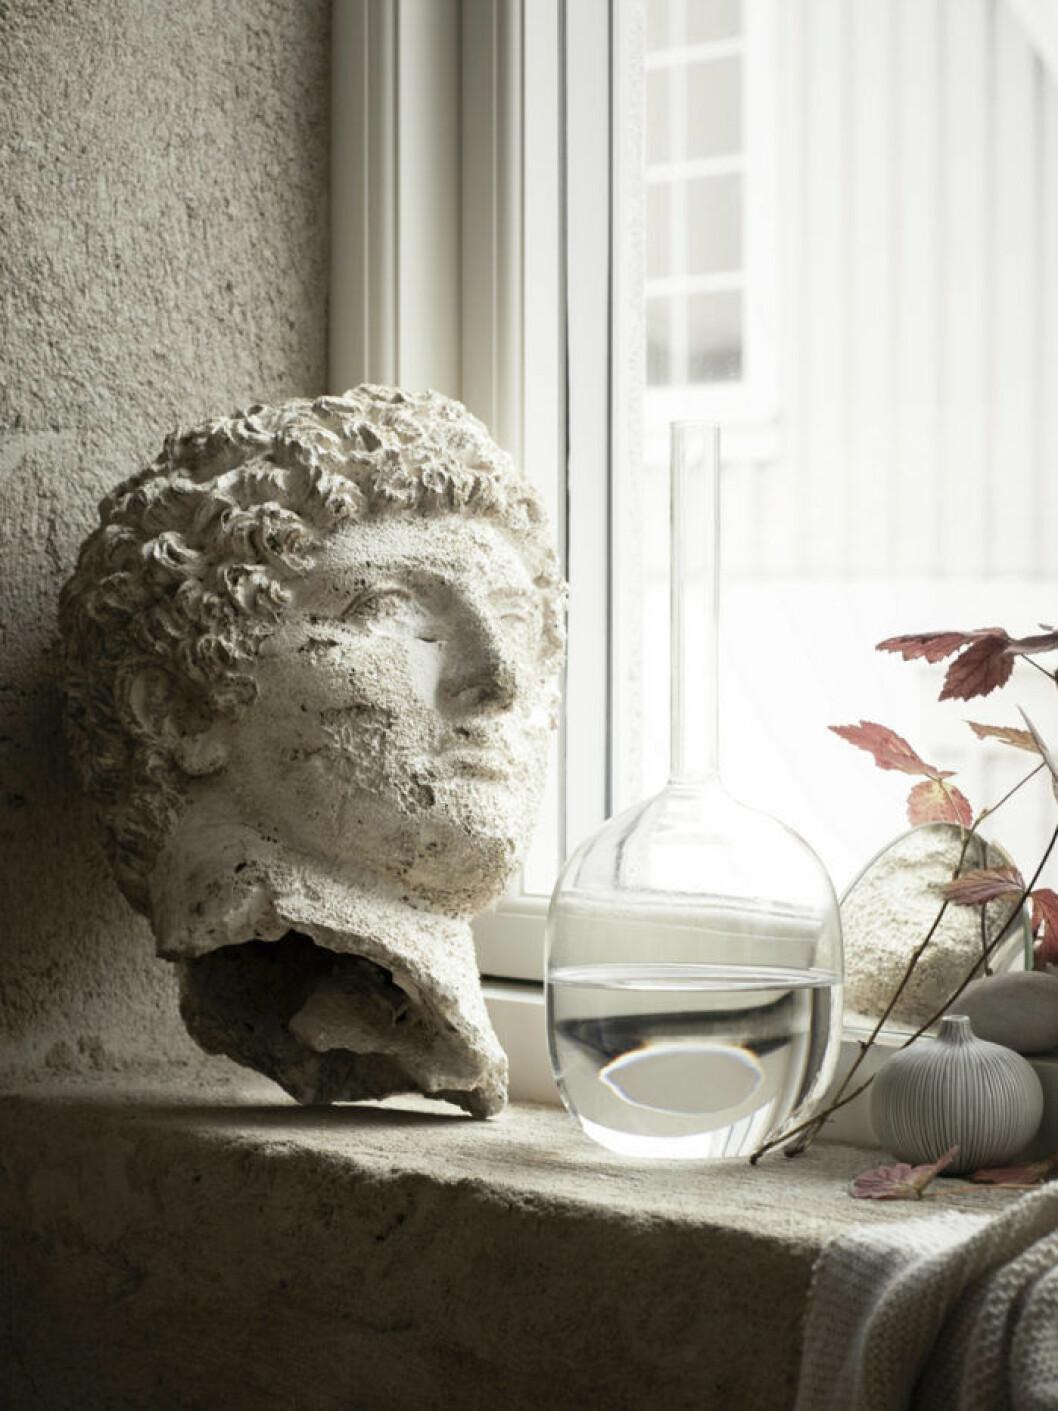 Skulptur av ansikte samt glasvas i ett fönster